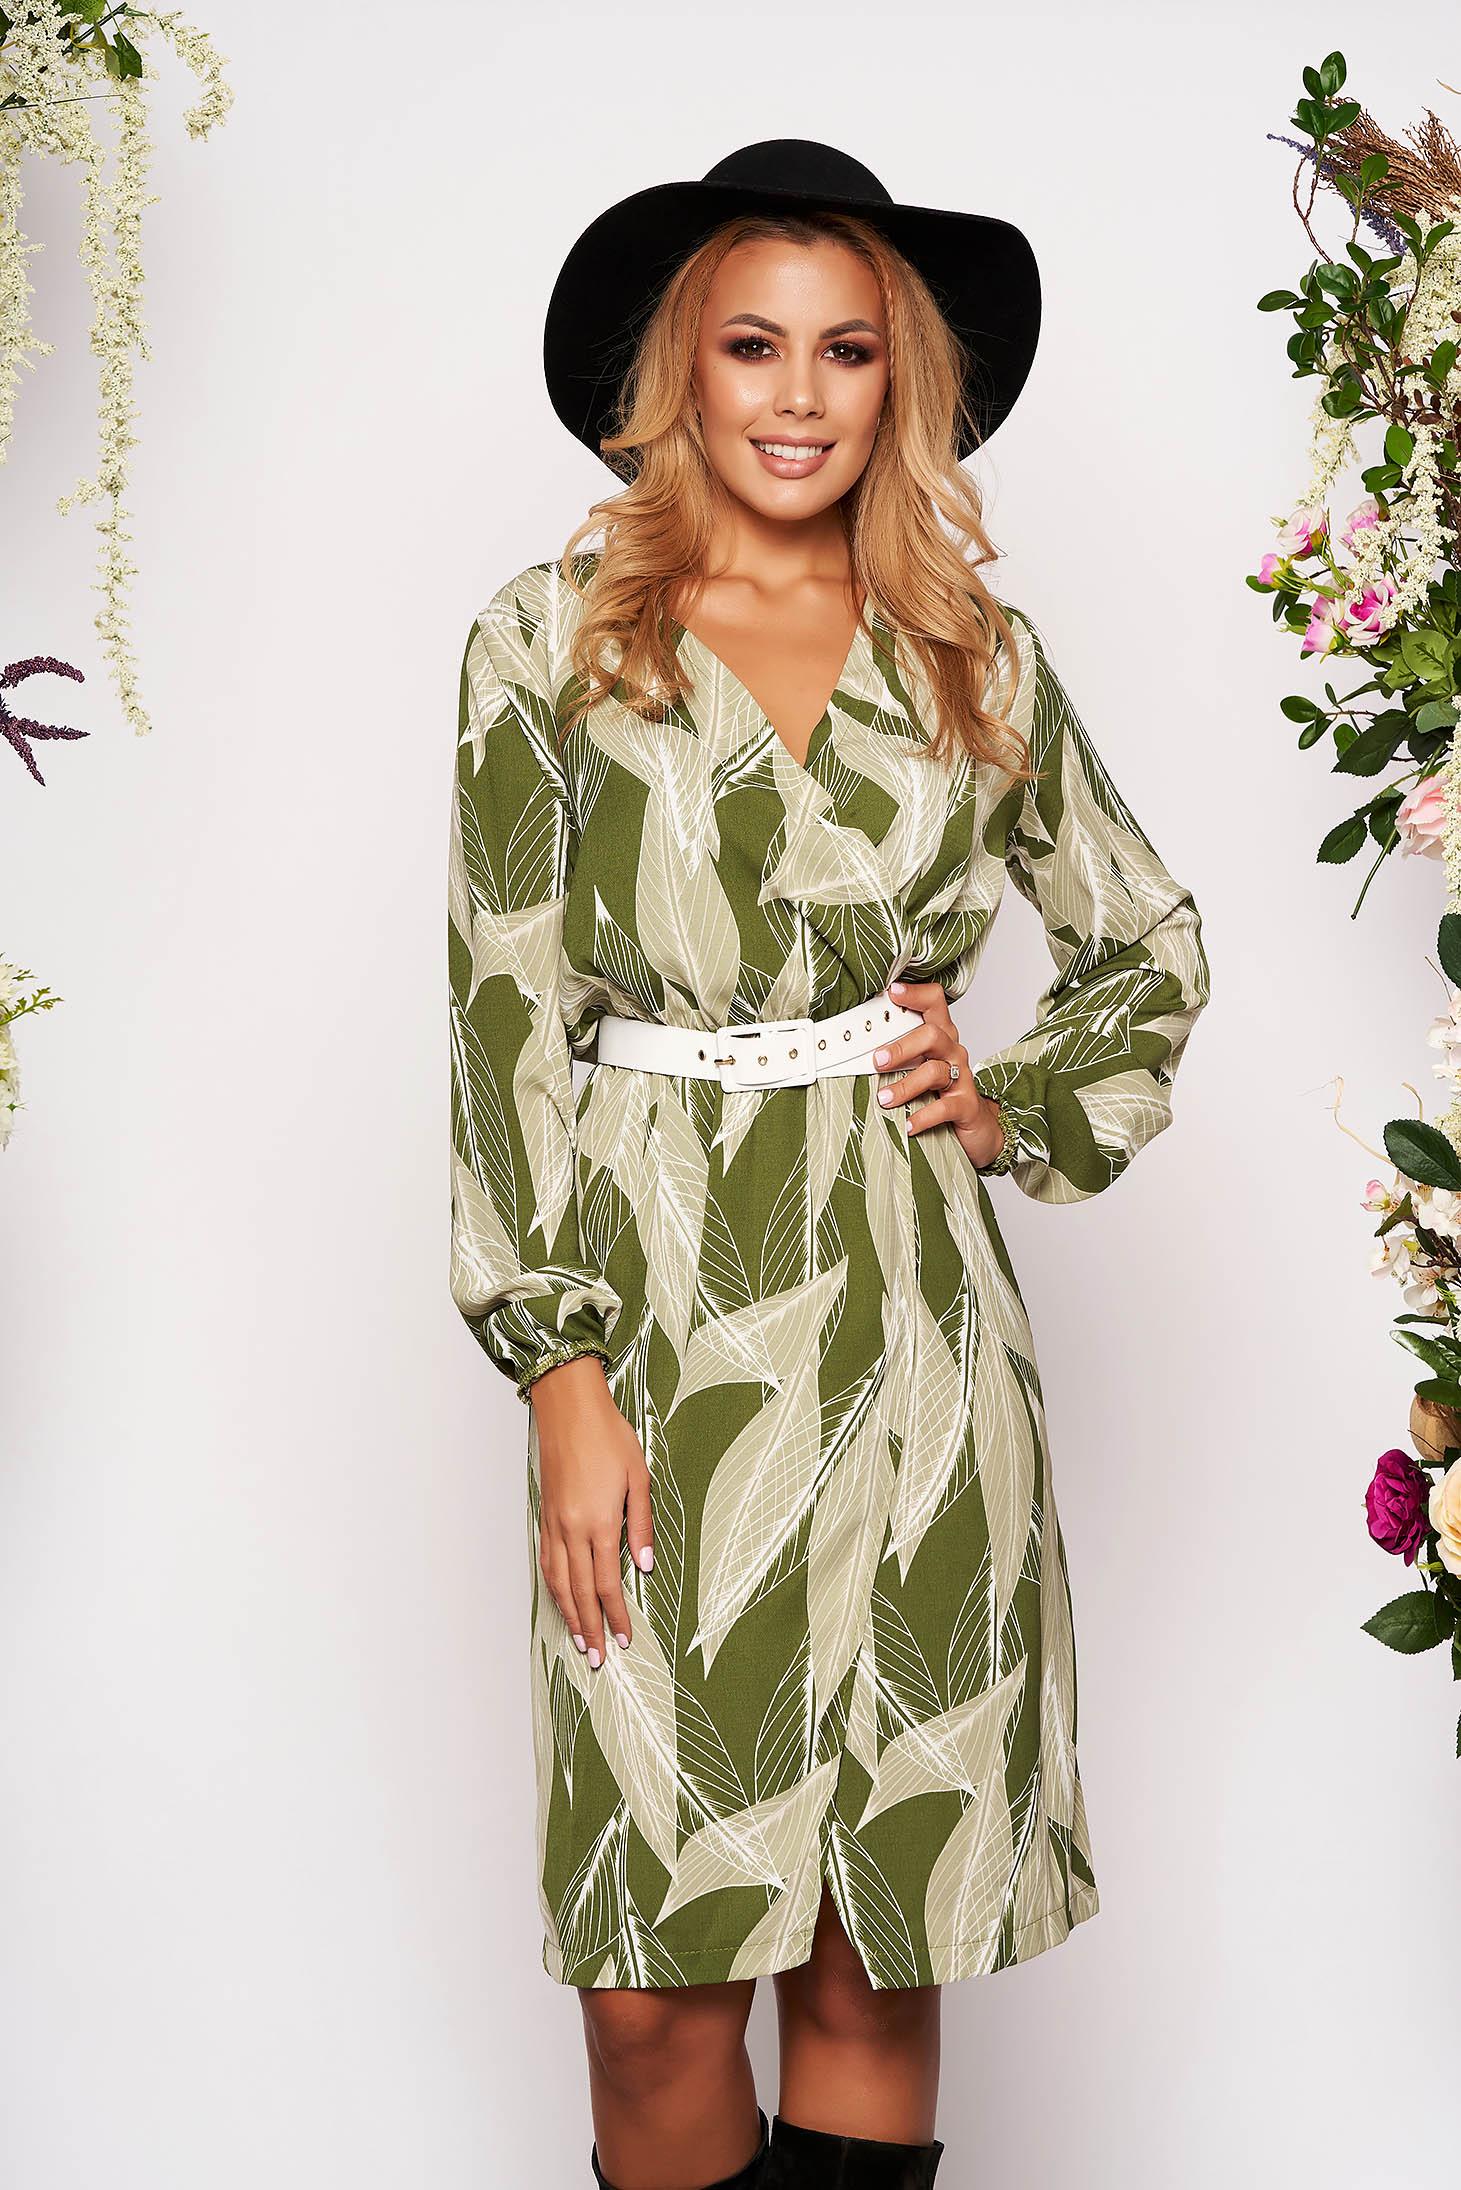 Rochie StarShinerS verde midi eleganta cu croi drept decolteu petrecut in v cu elastic in talie cu maneci lungi si accesoriu tip curea